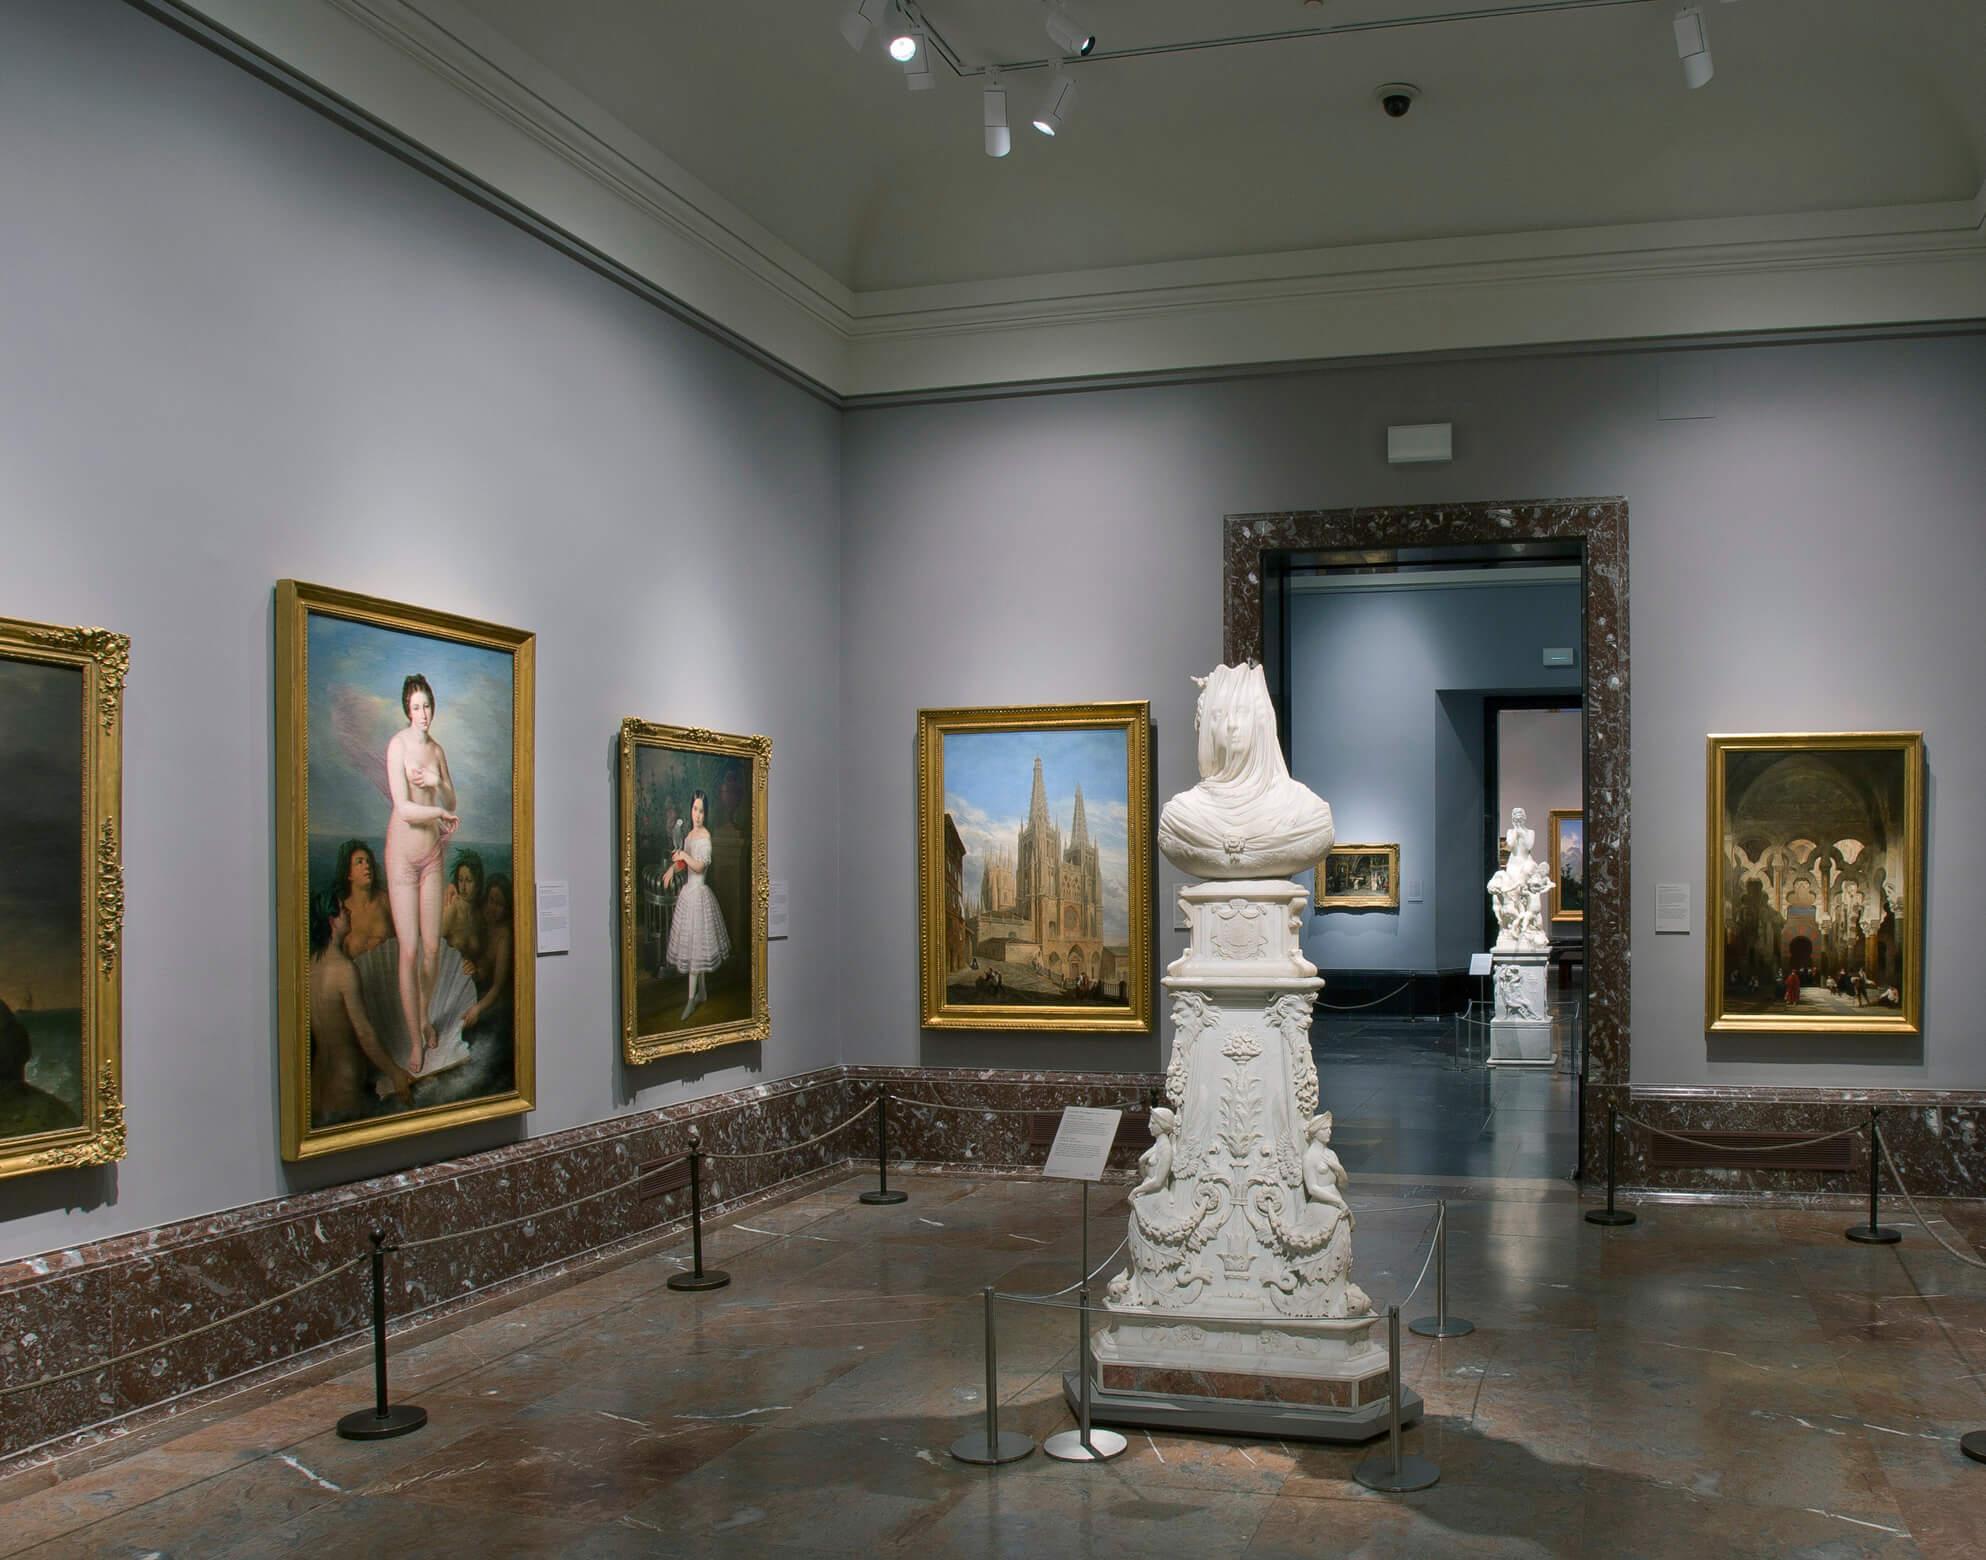 Museo del Prado iluminación de Lledó